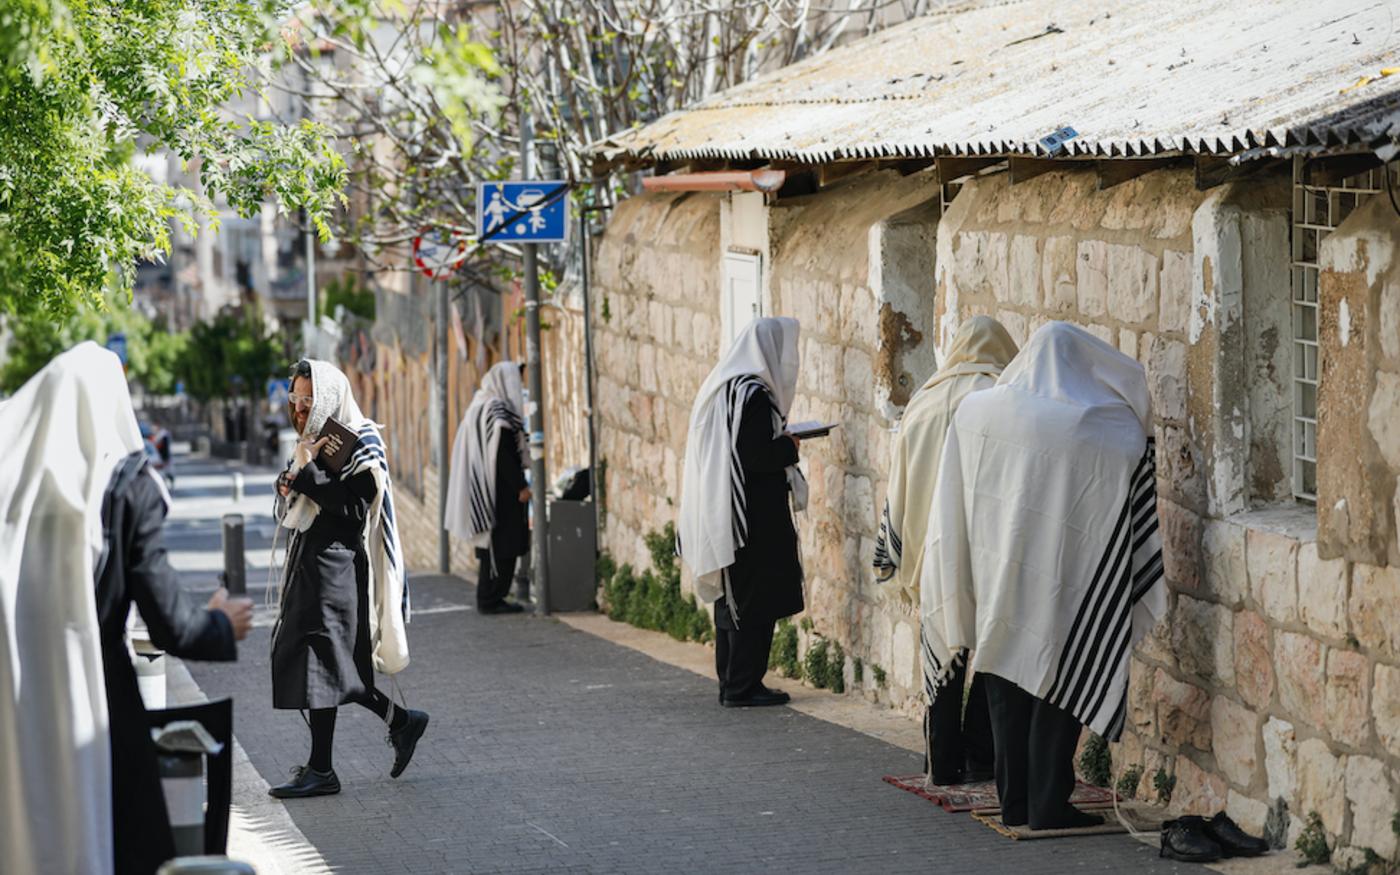 Des juifs ultra-orthodoxes prient dans une rue, à Jérusalem, le 29 mars 2020 (AFP)